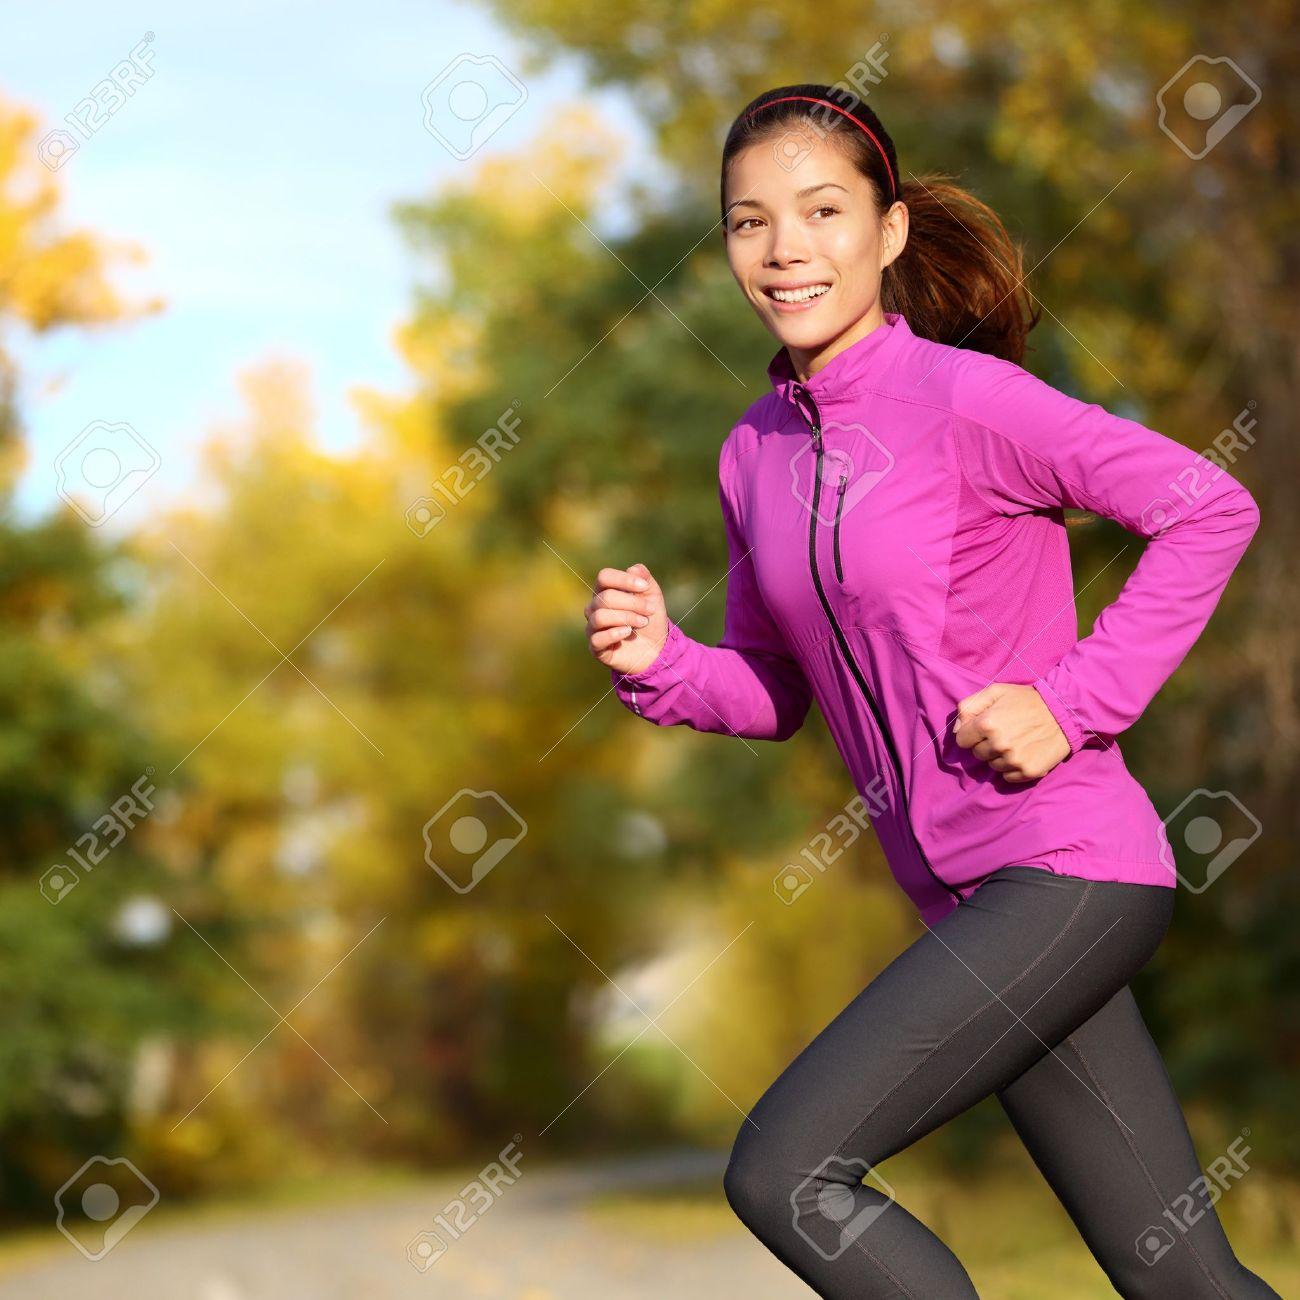 Jeune Femme Asiatique Course Joggeur Femme Heureuse. Femme Jogging Dans Le  Parc Coureur Dans La Forêt En Automne Parc En Couleurs D automne. 0f46380a252